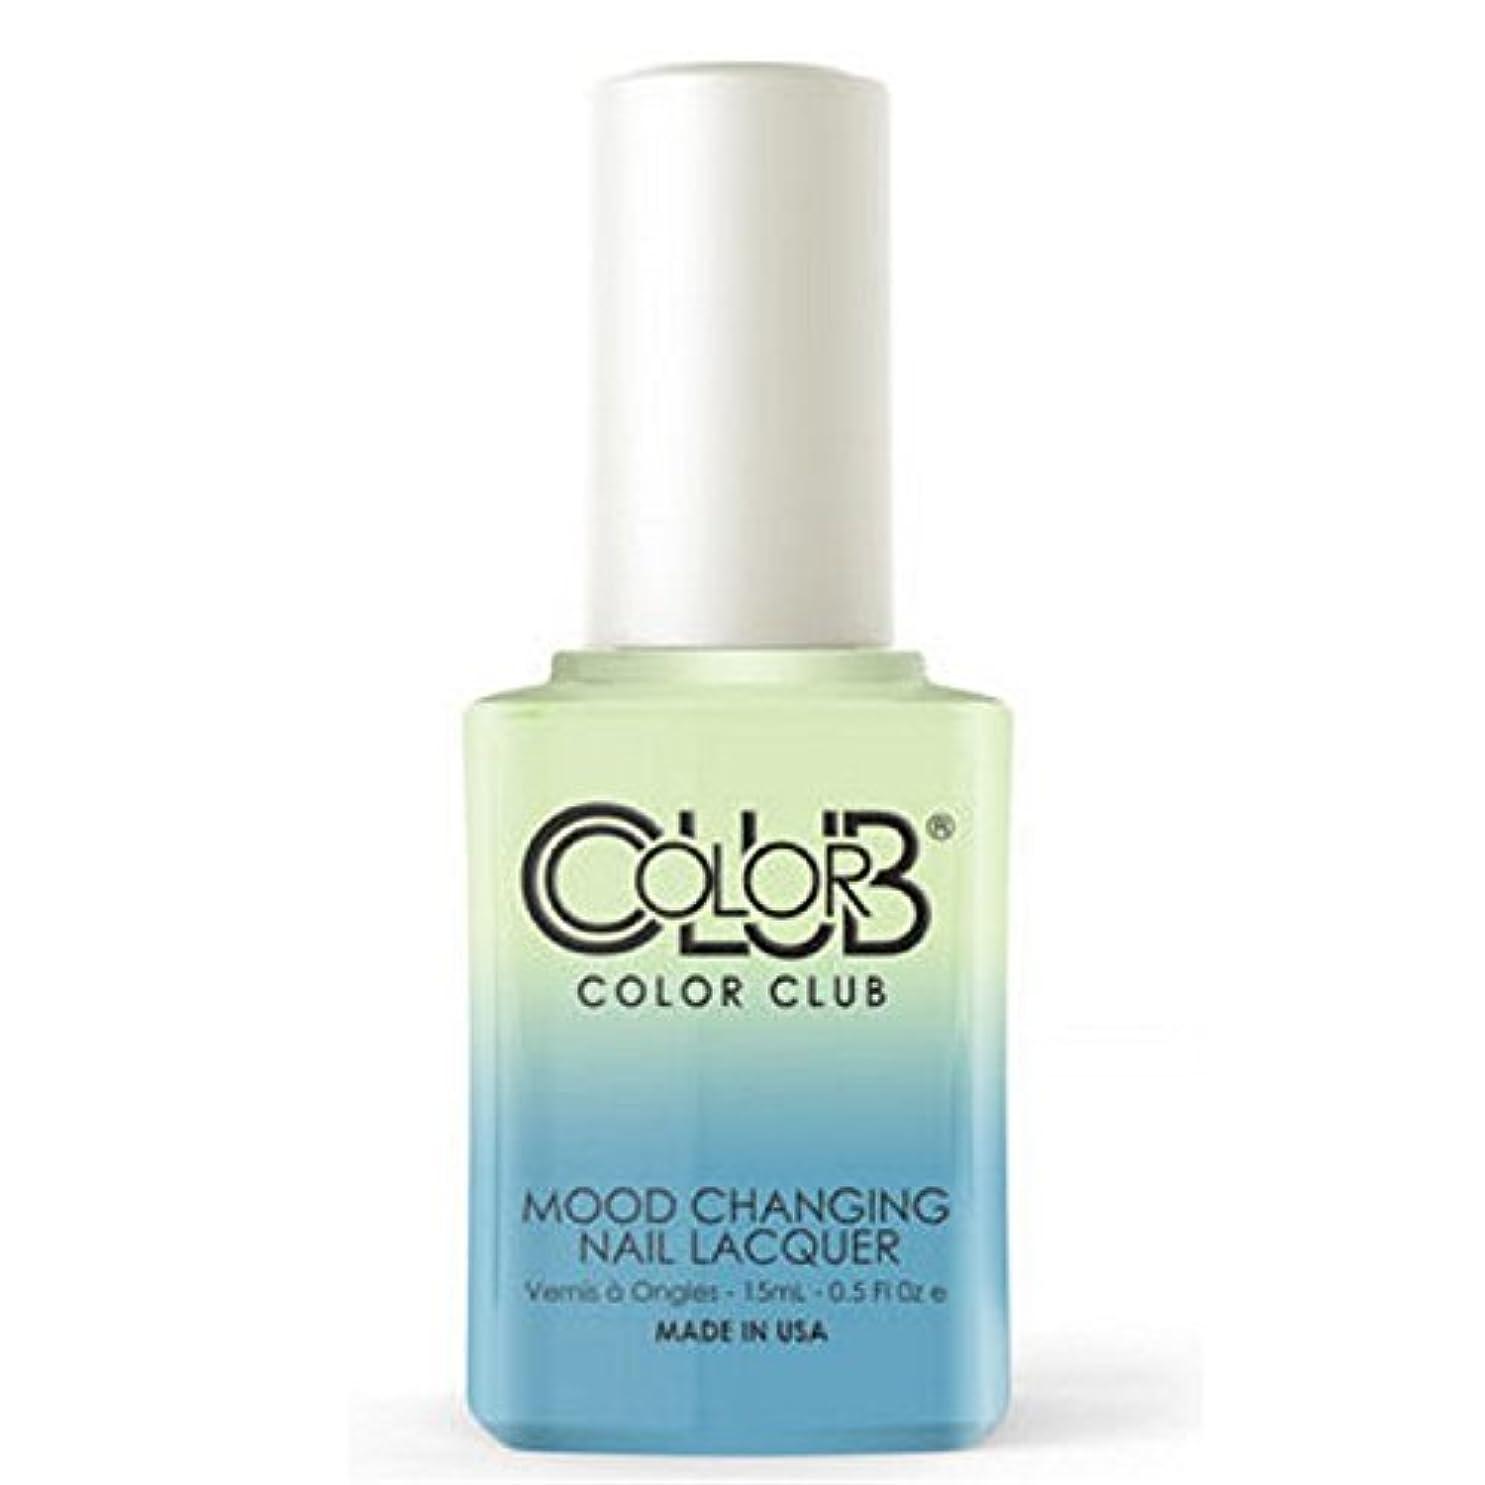 ピクニック振動させる恥ずかしさColor Club Mood Changing Nail Lacquer - Extra-vert - 15 mL / 0.5 fl oz